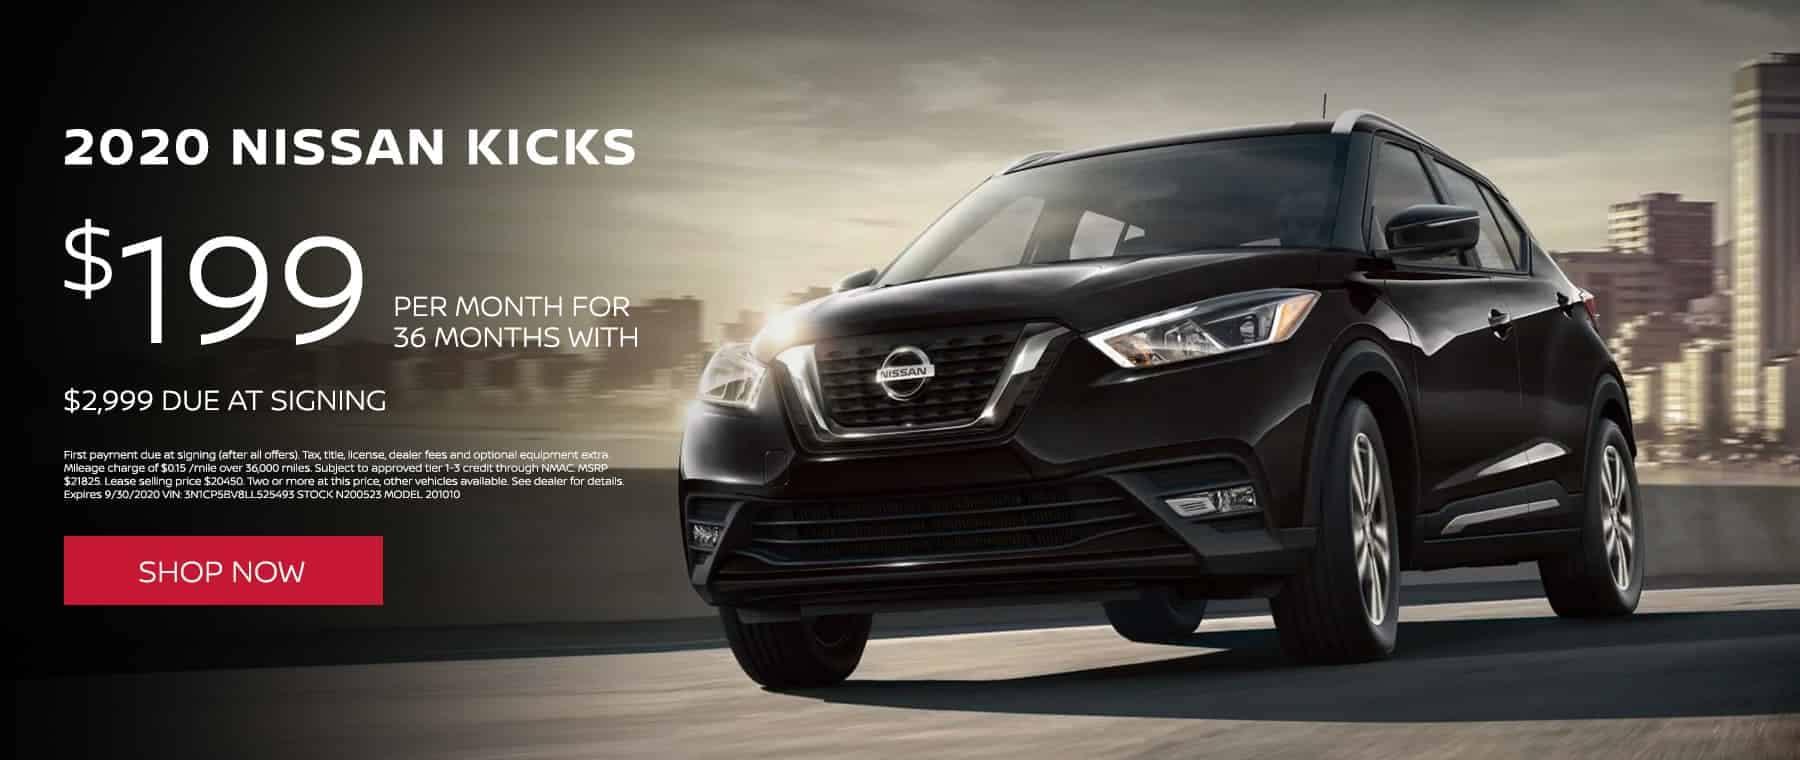 2020 Nissan Kicks $199 per month